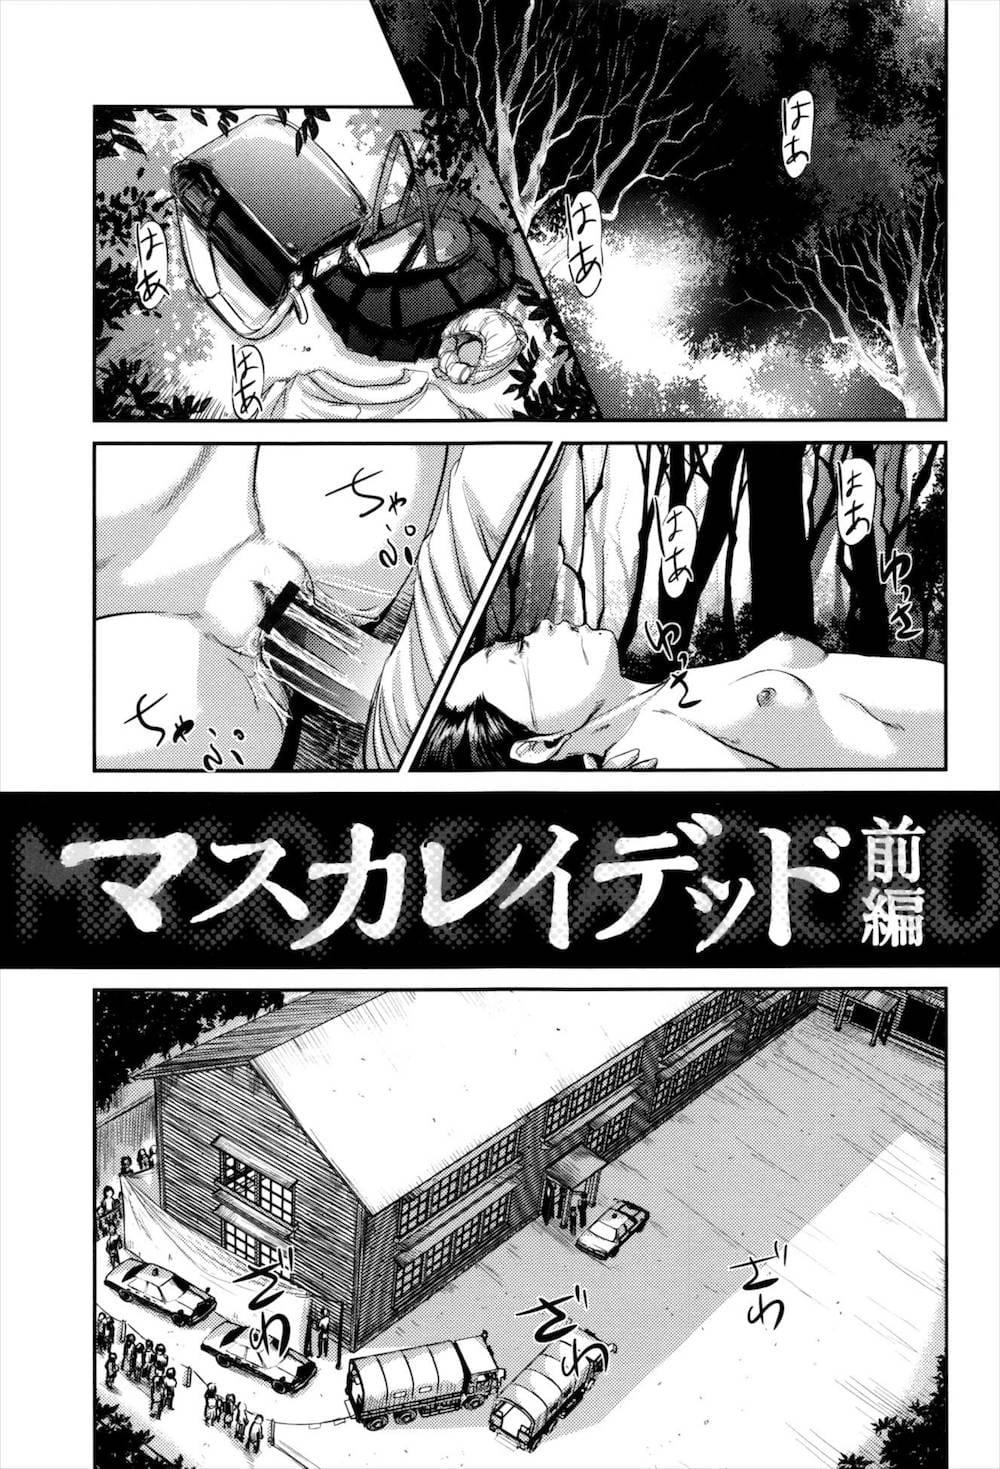 エロ漫画 心島咲 プロブレム